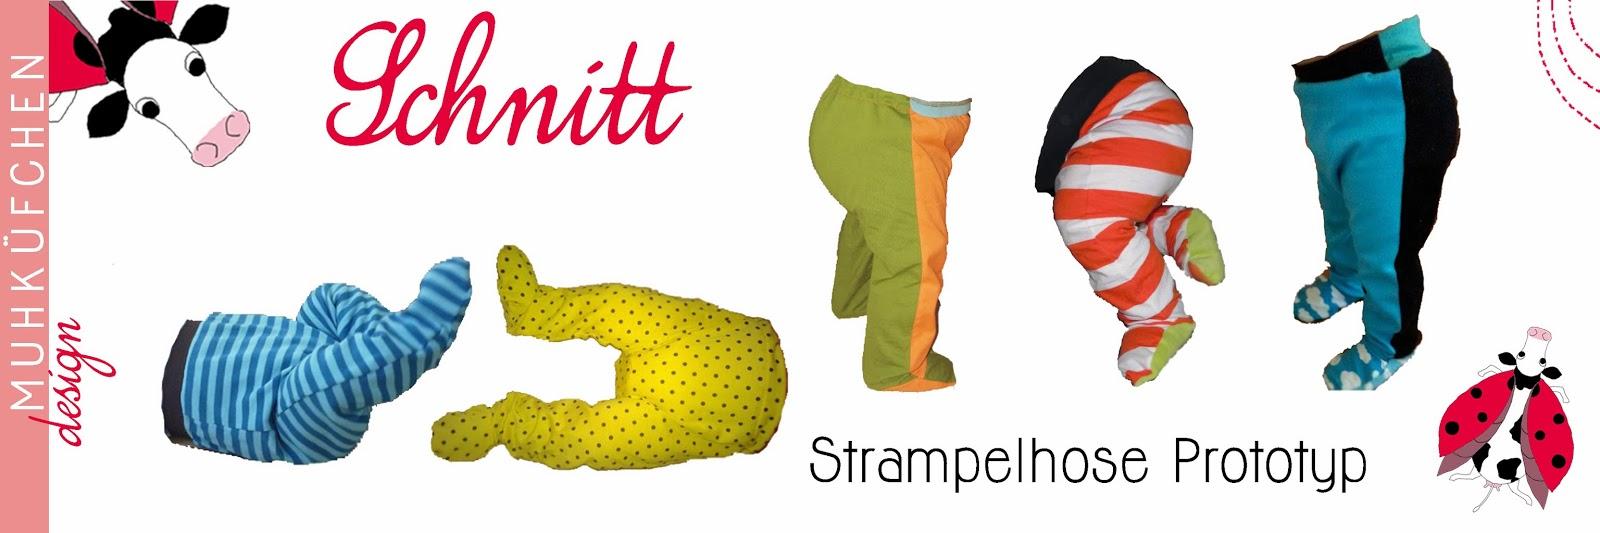 Strampelhose Prototyp Schnitt